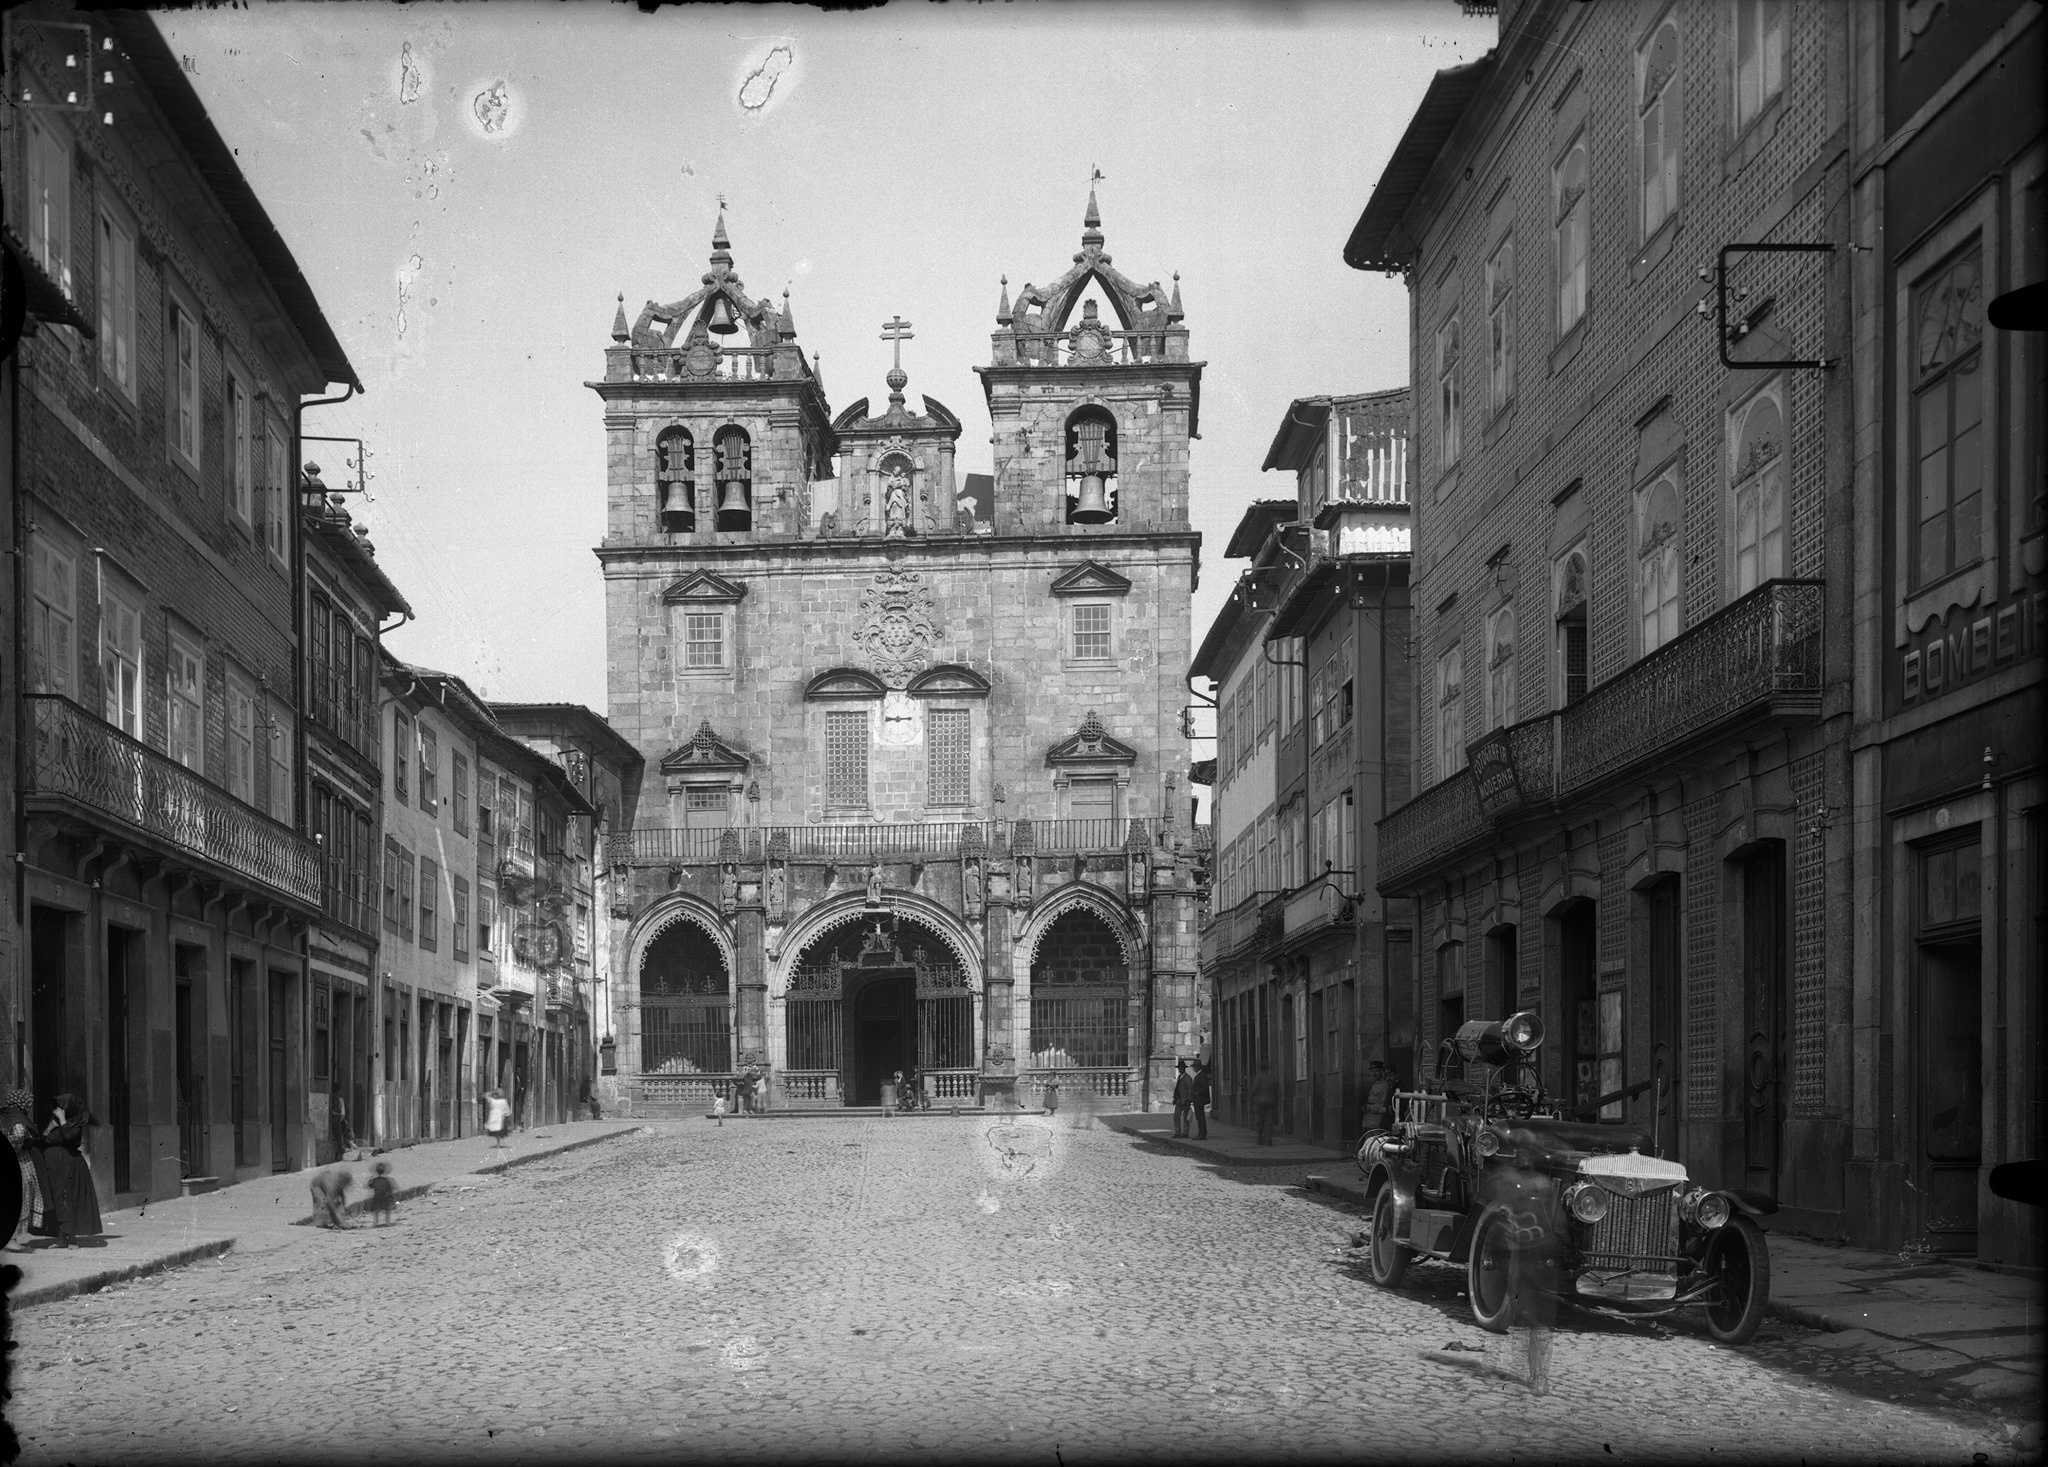 Igrejas de Braga dos arquivos da Photographia Alliança e Casa Pelicano online